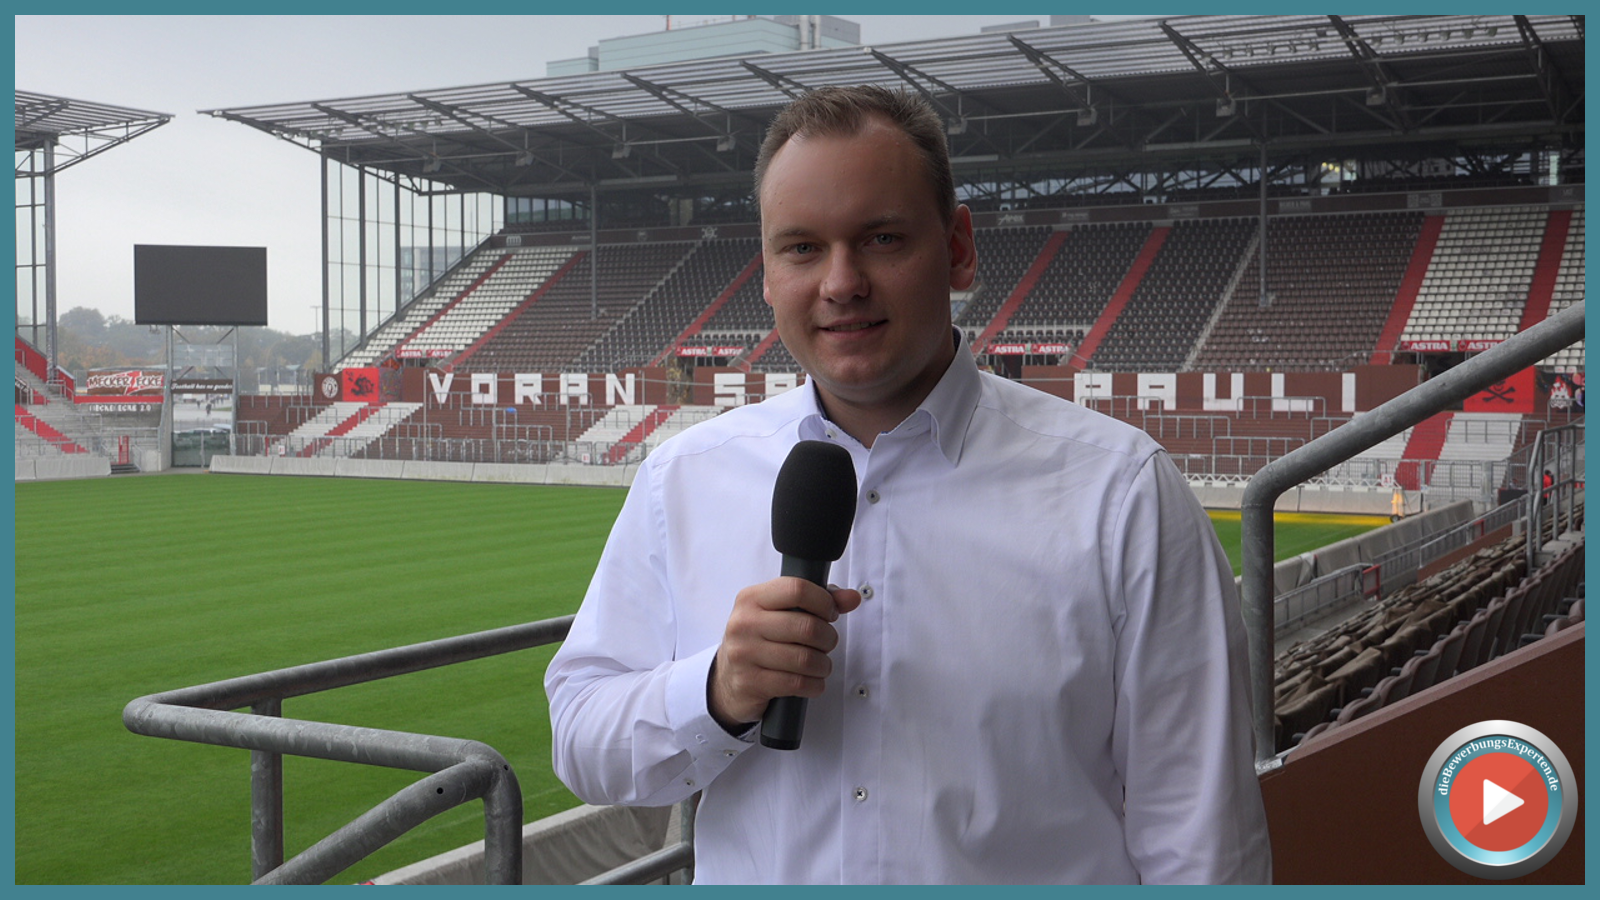 Heimat das FC St. Pauli das Millerntor-Stadion und eine tolle Kulisse für den Online-Karrieretag...